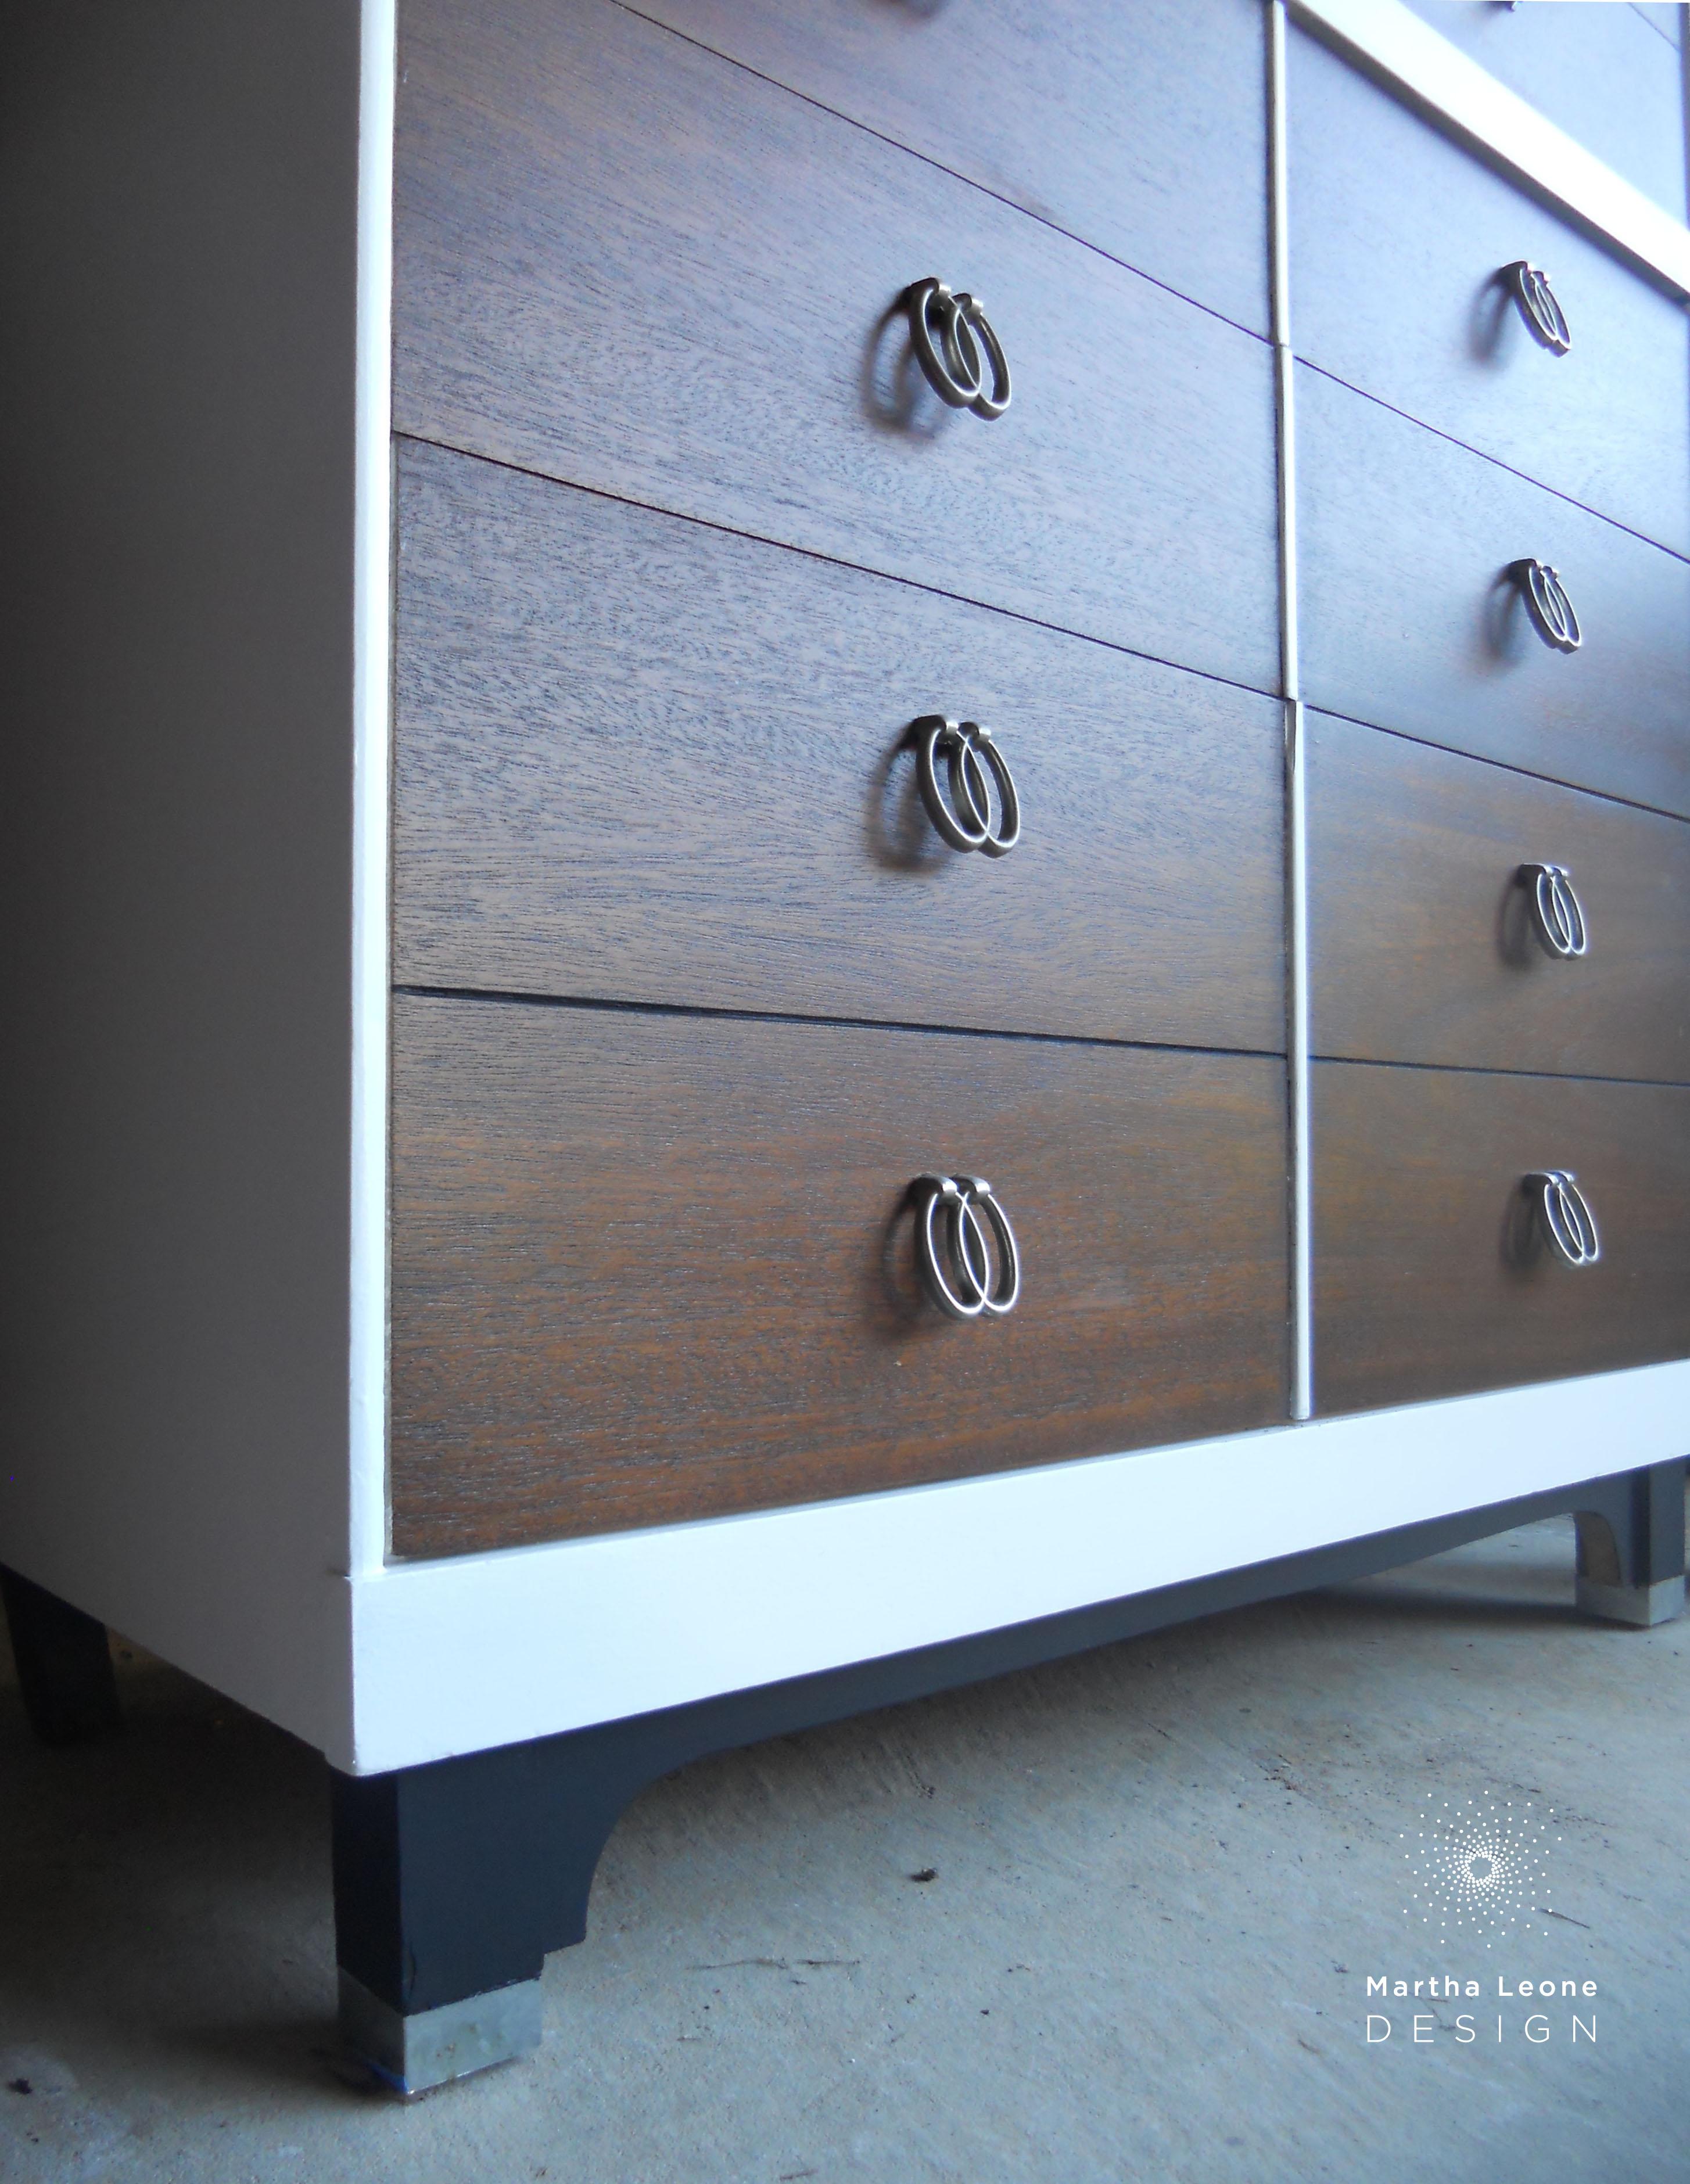 #131MCMd tallboy Martha Leone Design